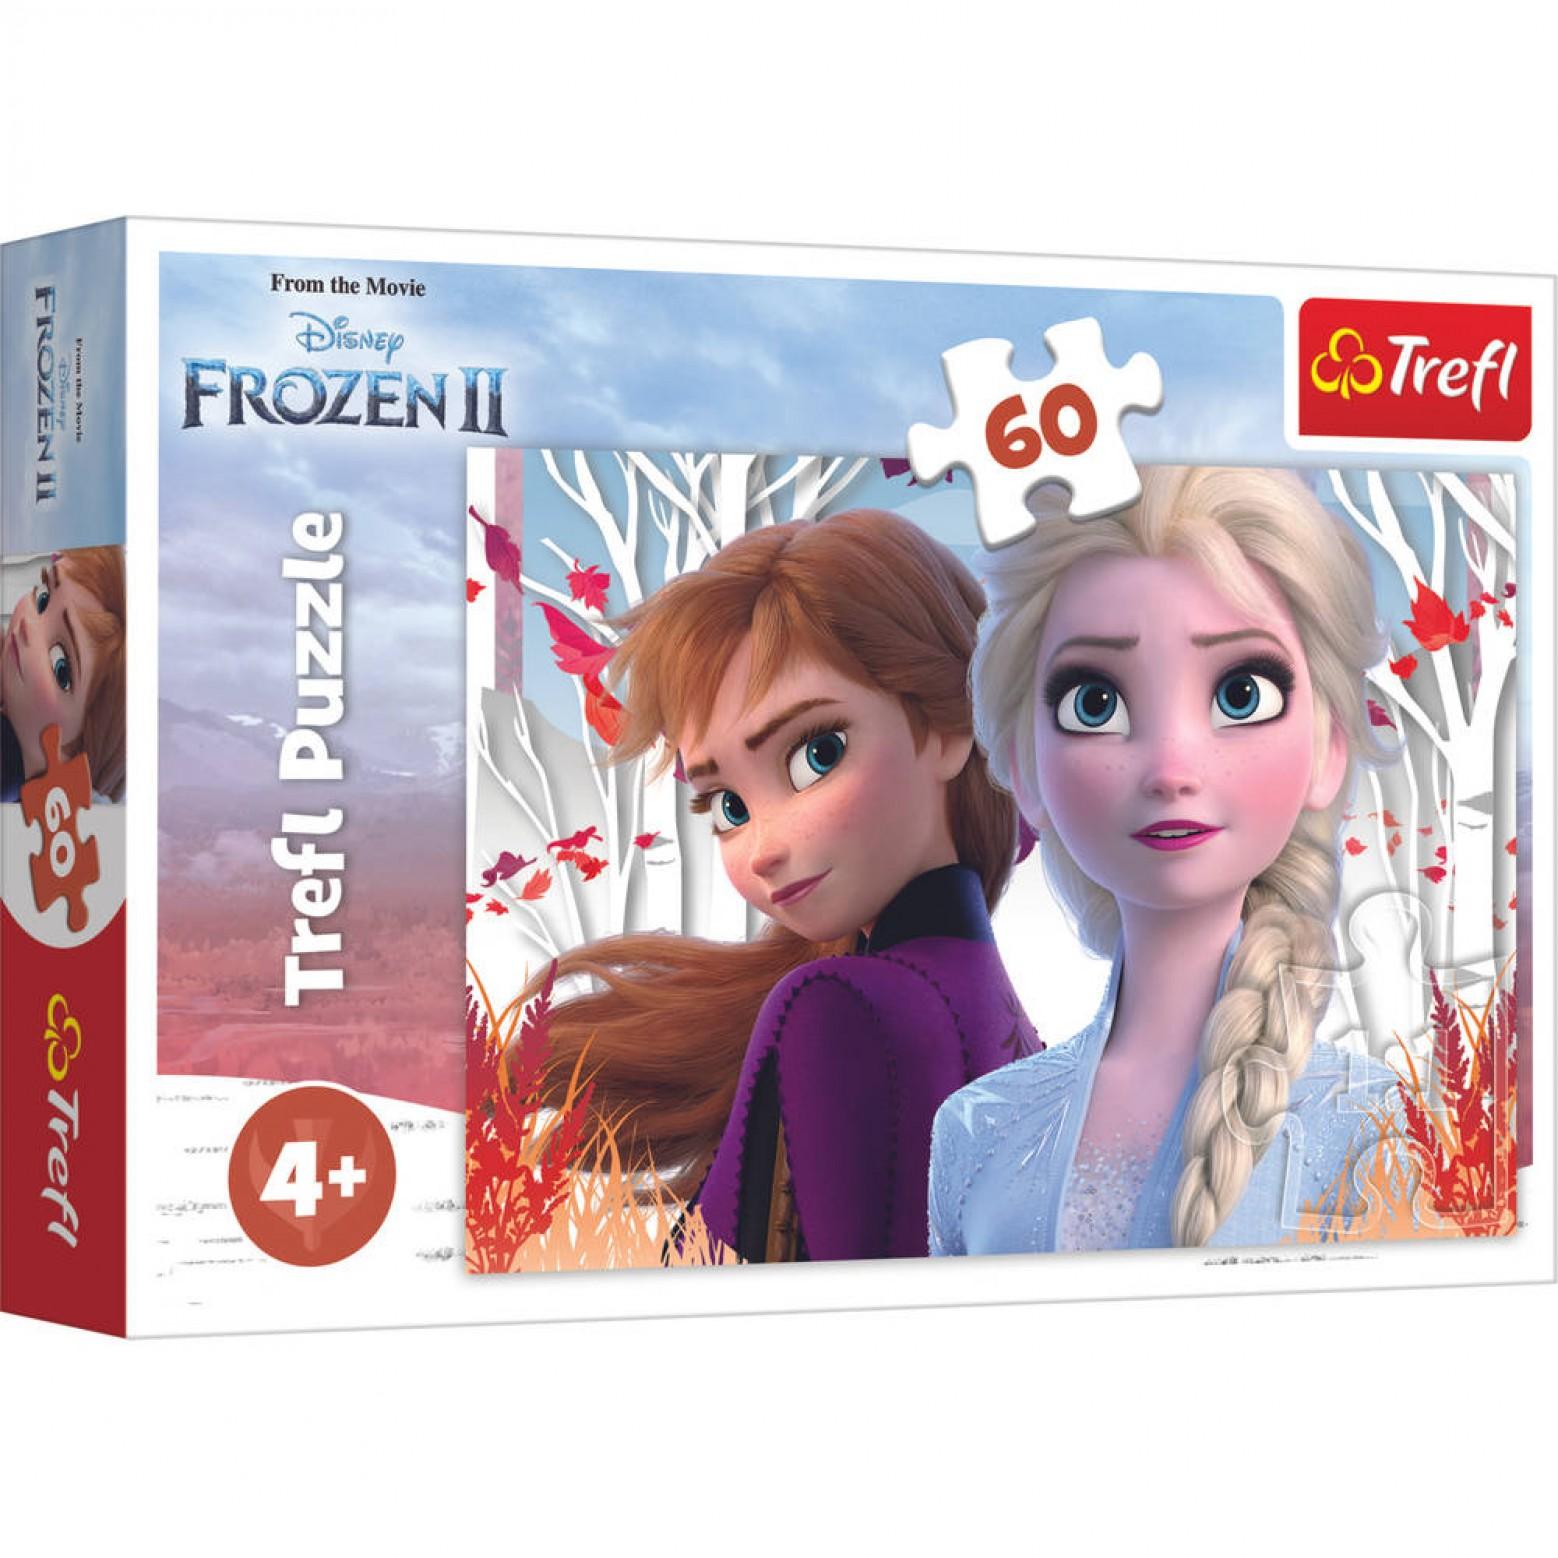 Frozen II puzzel 60 stukjes 4+